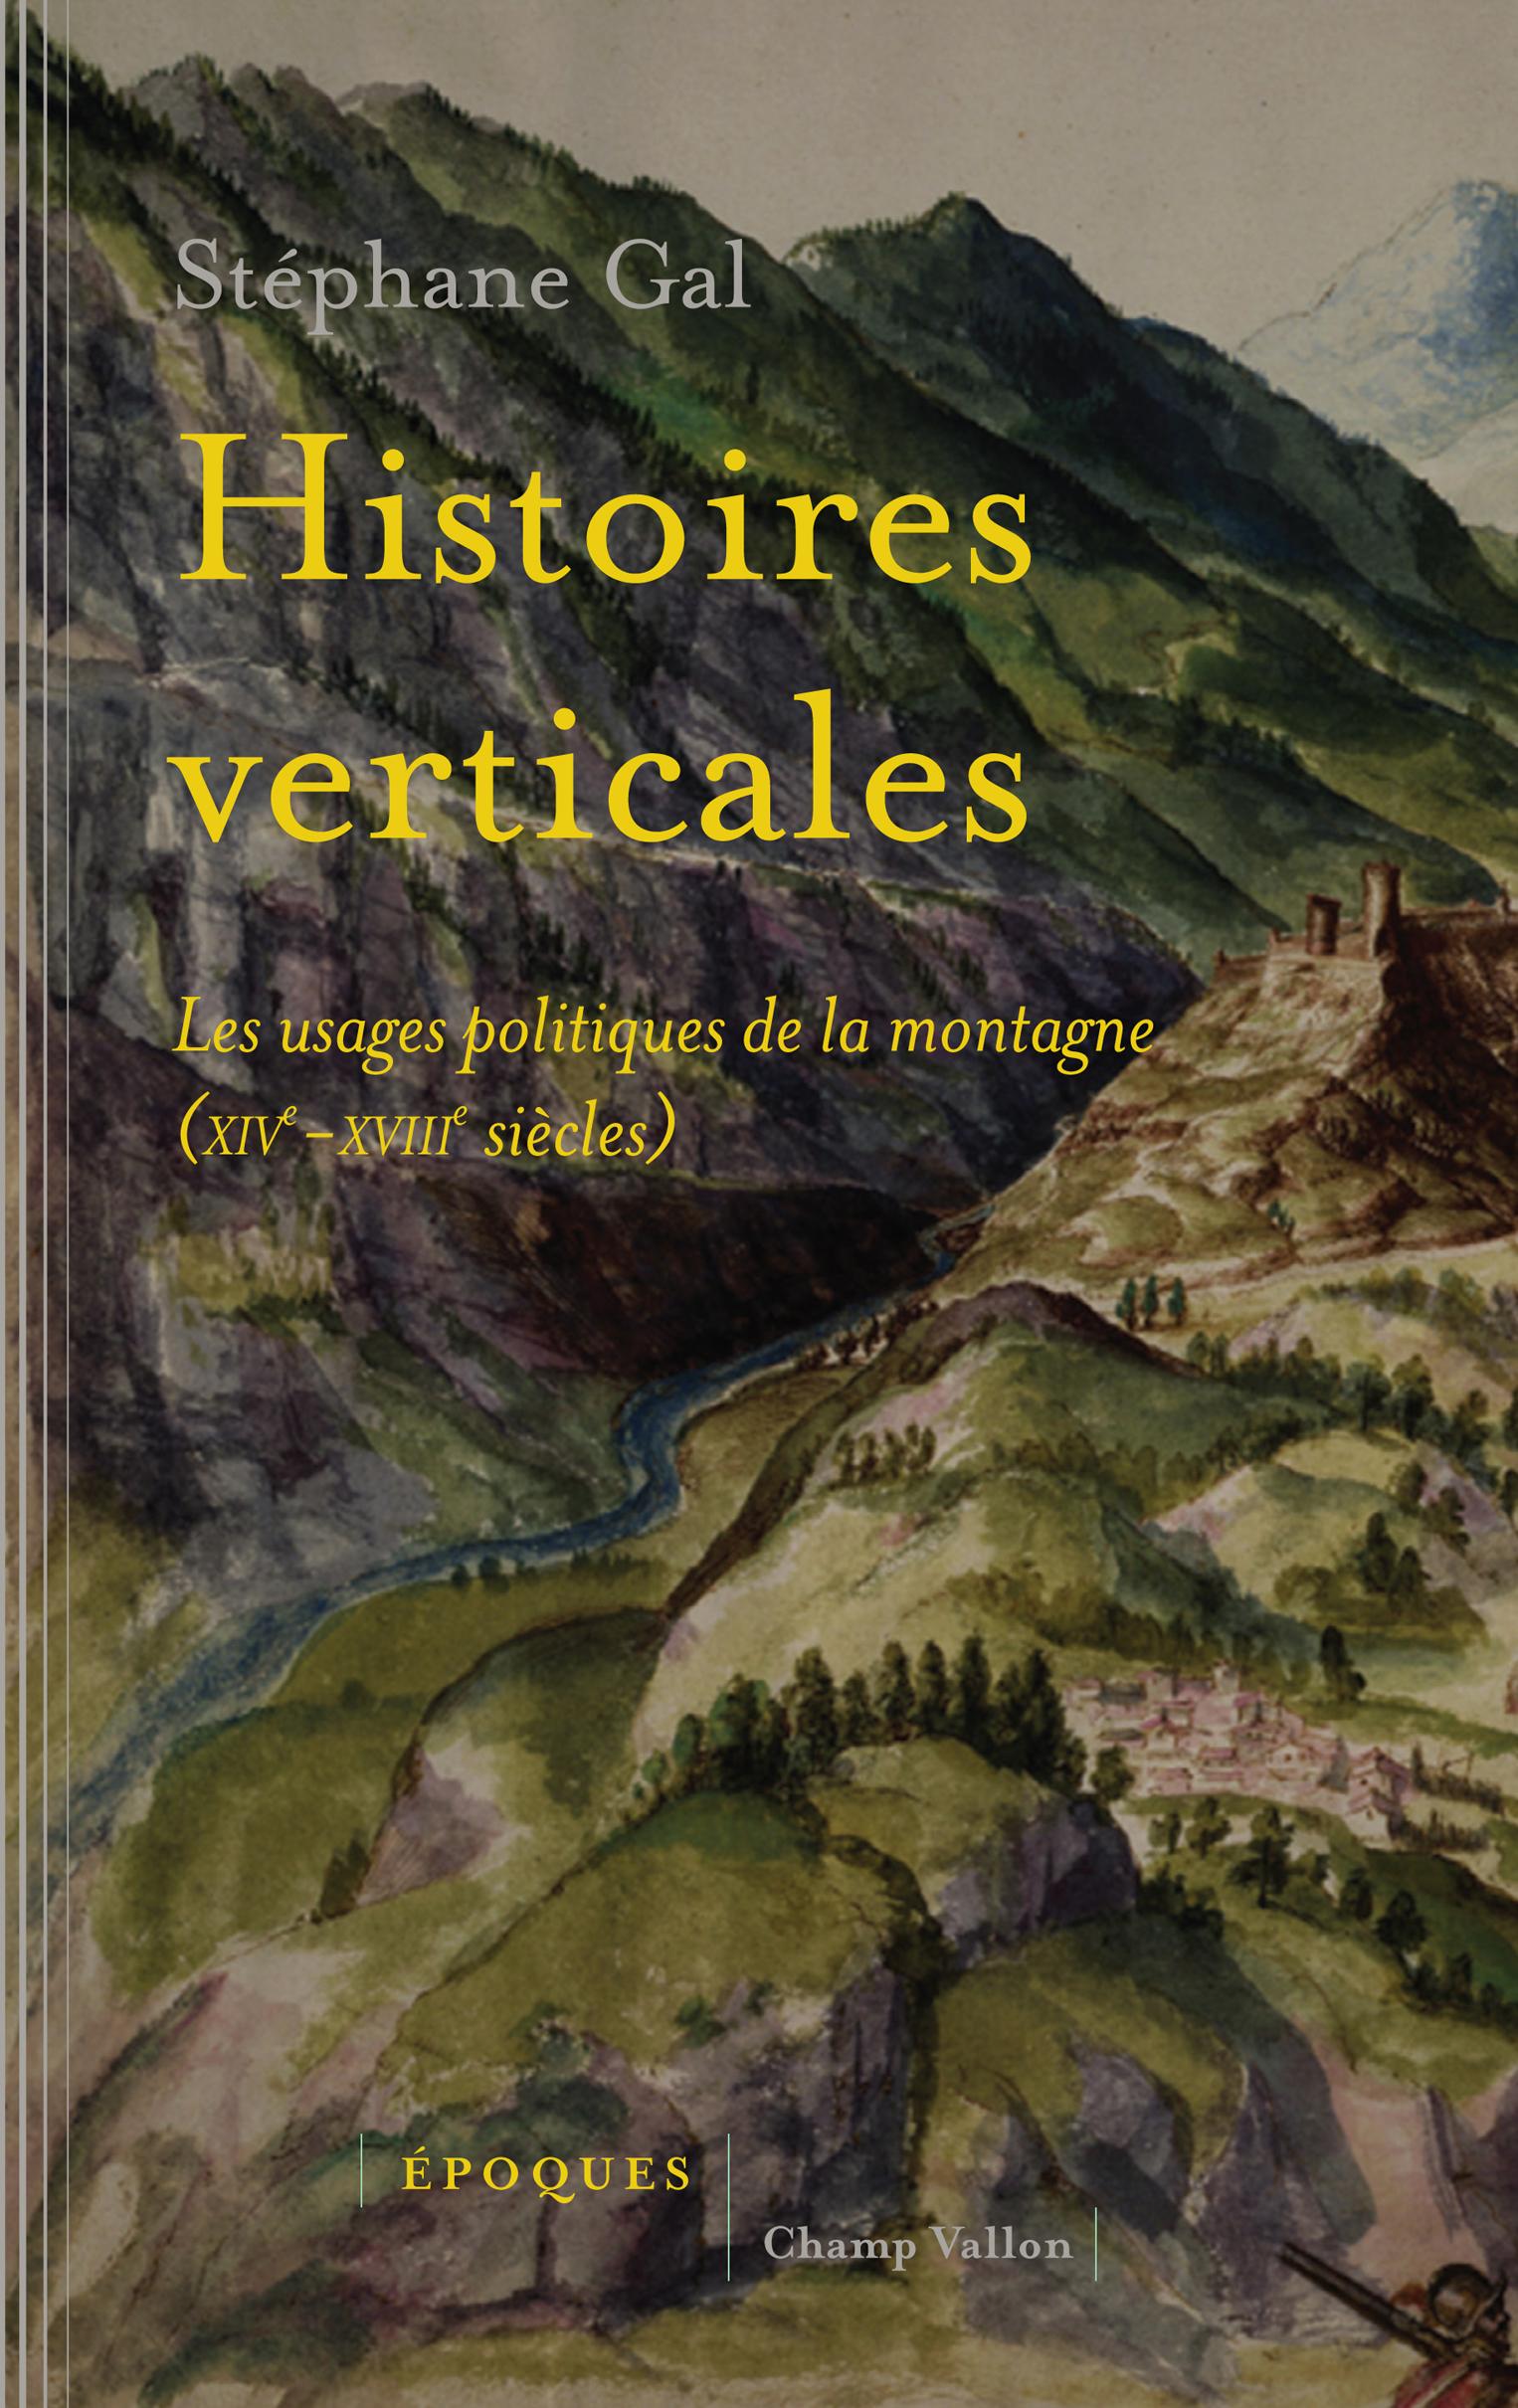 Histoires verticales Gal